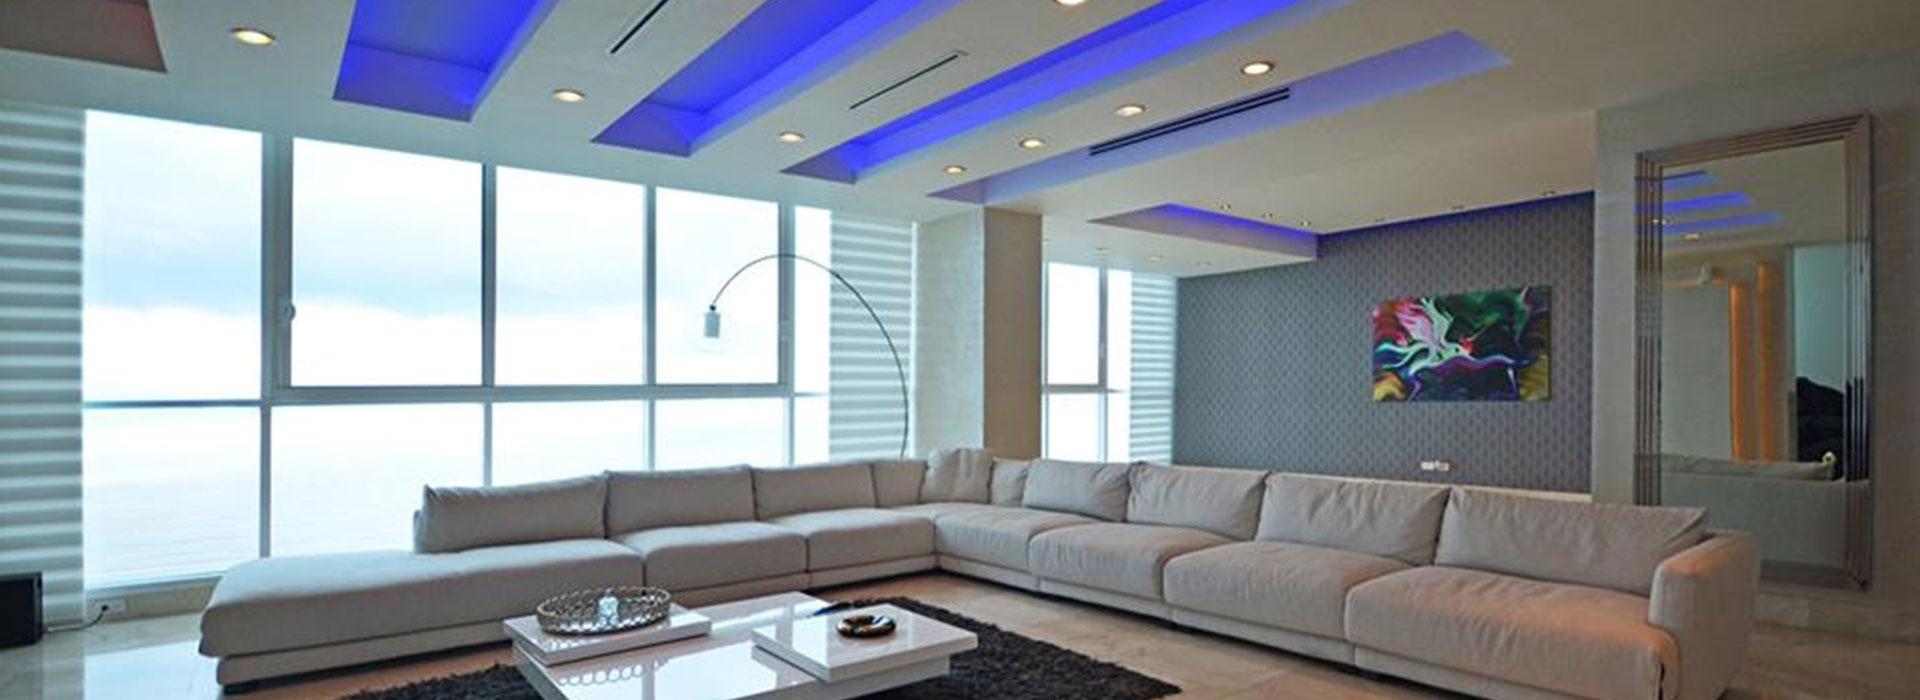 Luxury Penthouse, Costa Del Este - PAN (photo 1)